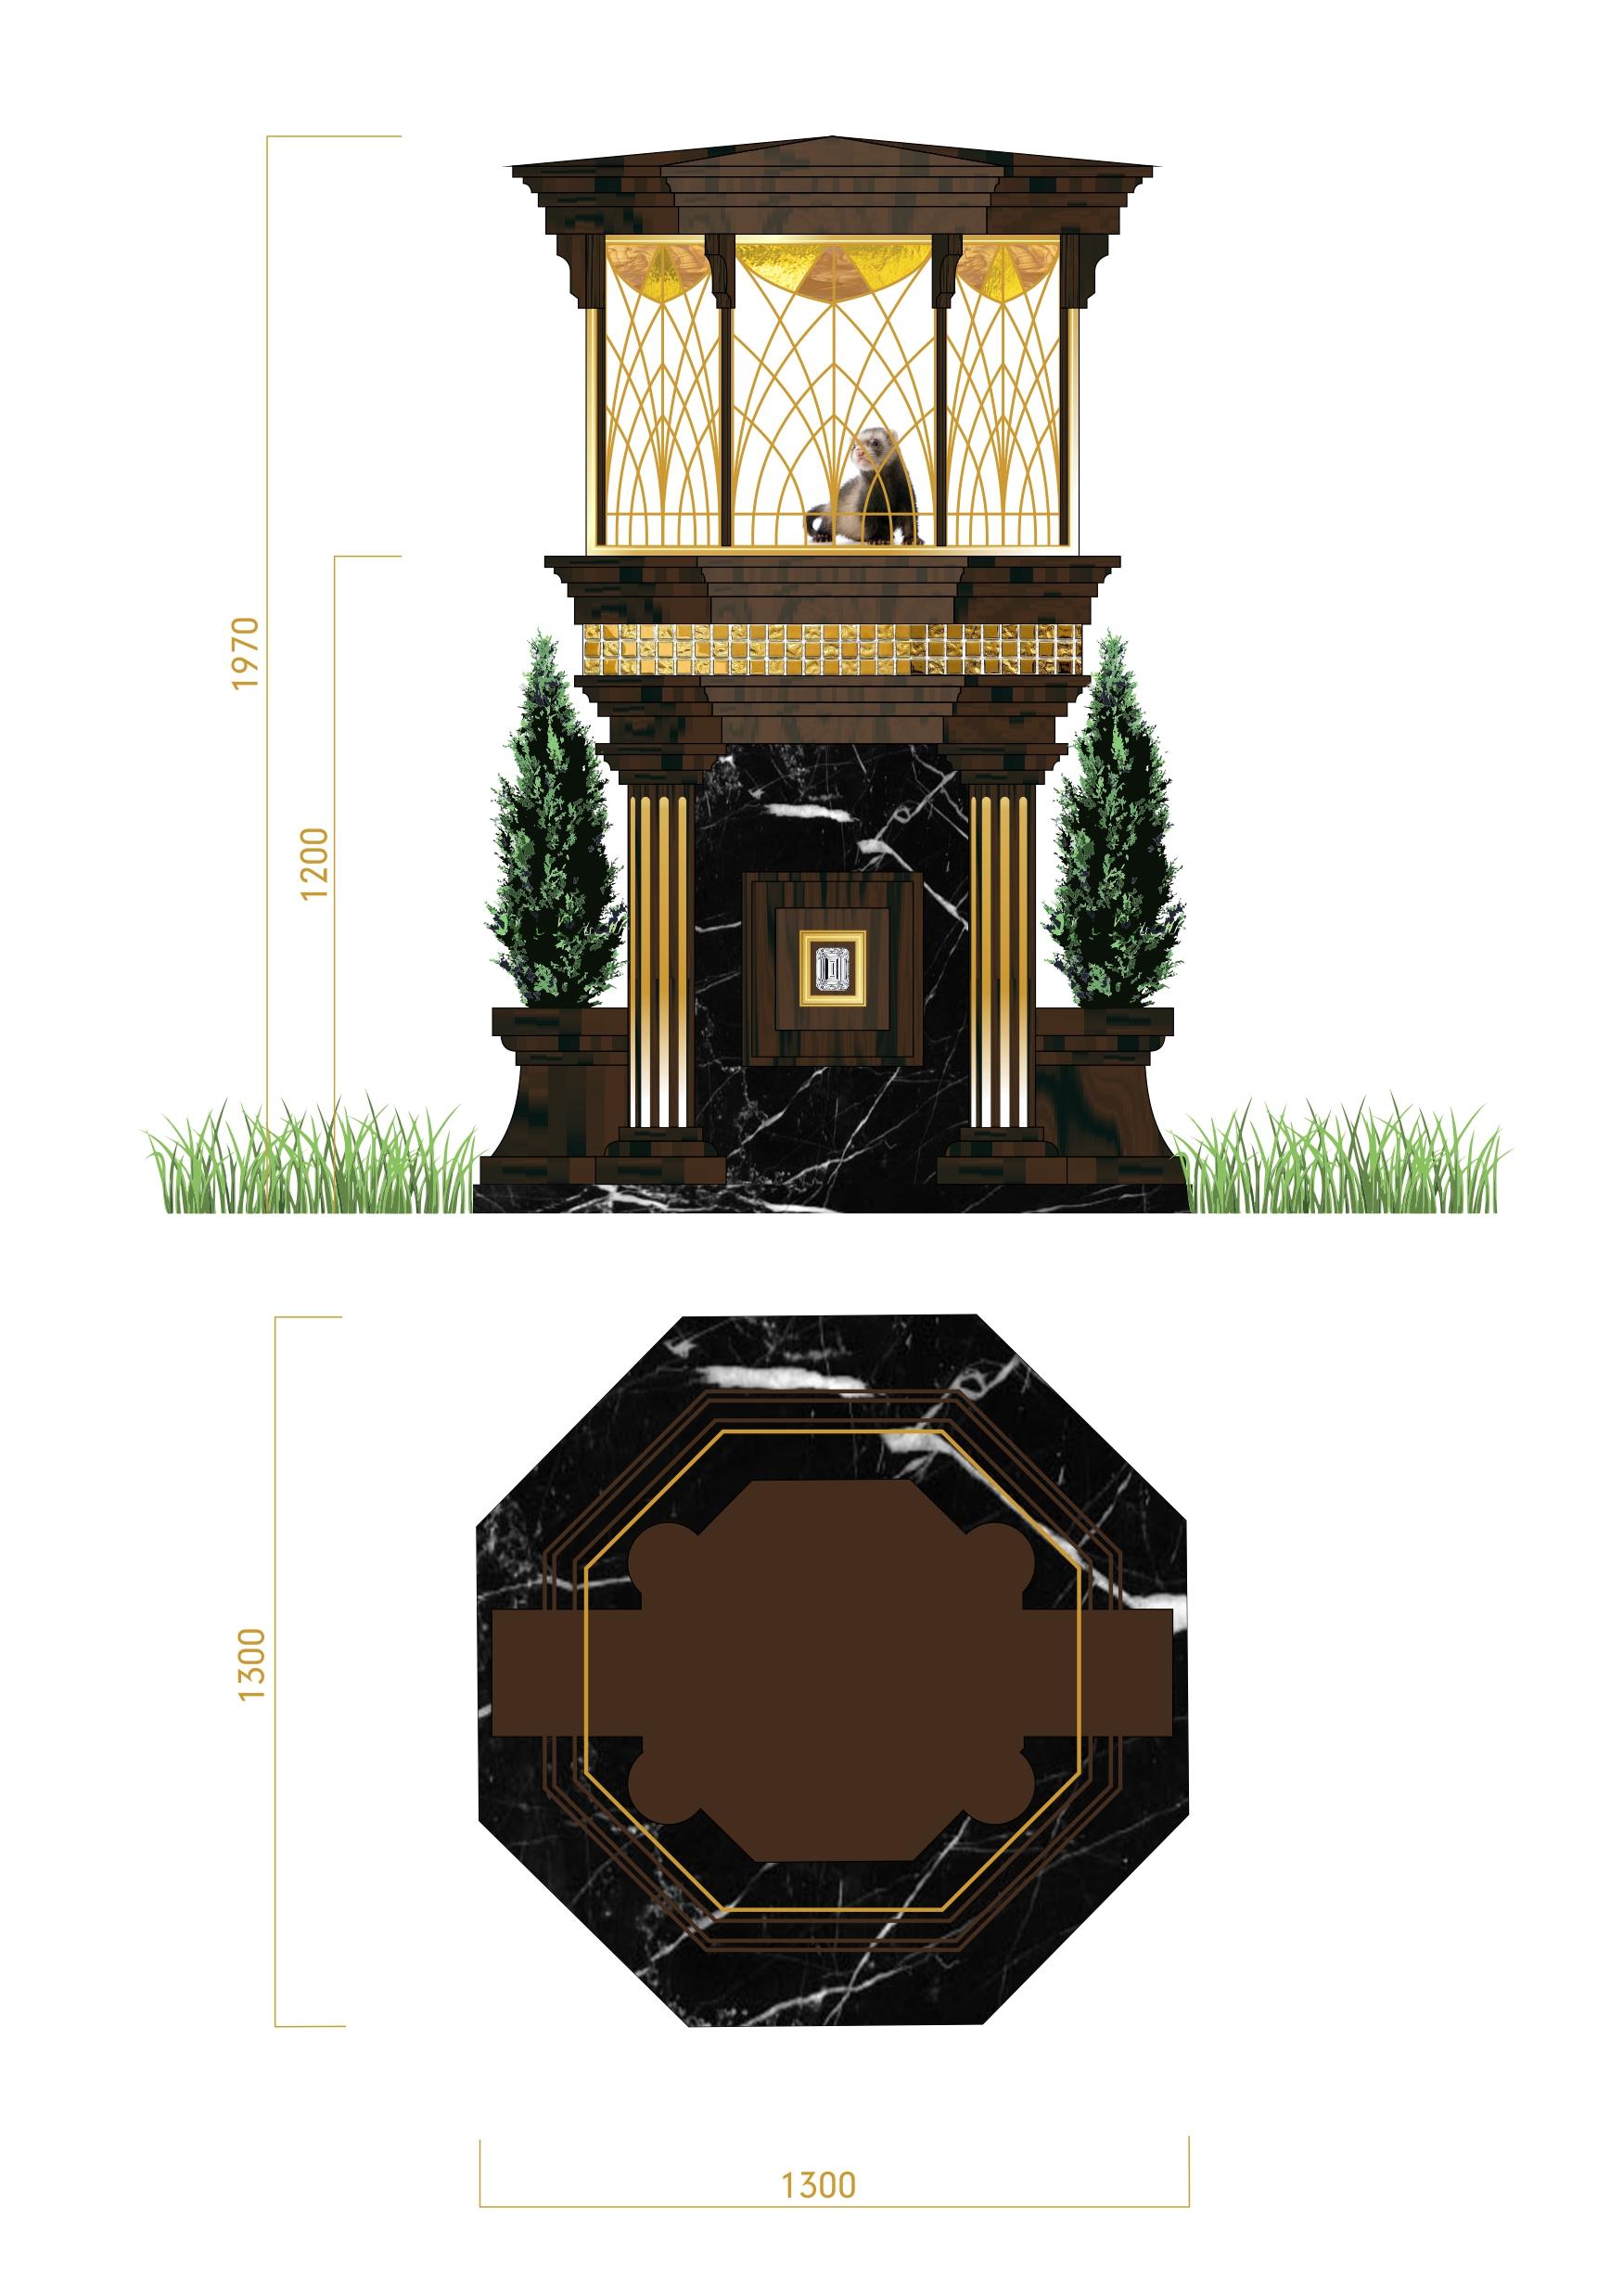 Дизайн конструкции для размещения в ней живого соболя фото f_19756fe885b0859f.jpg